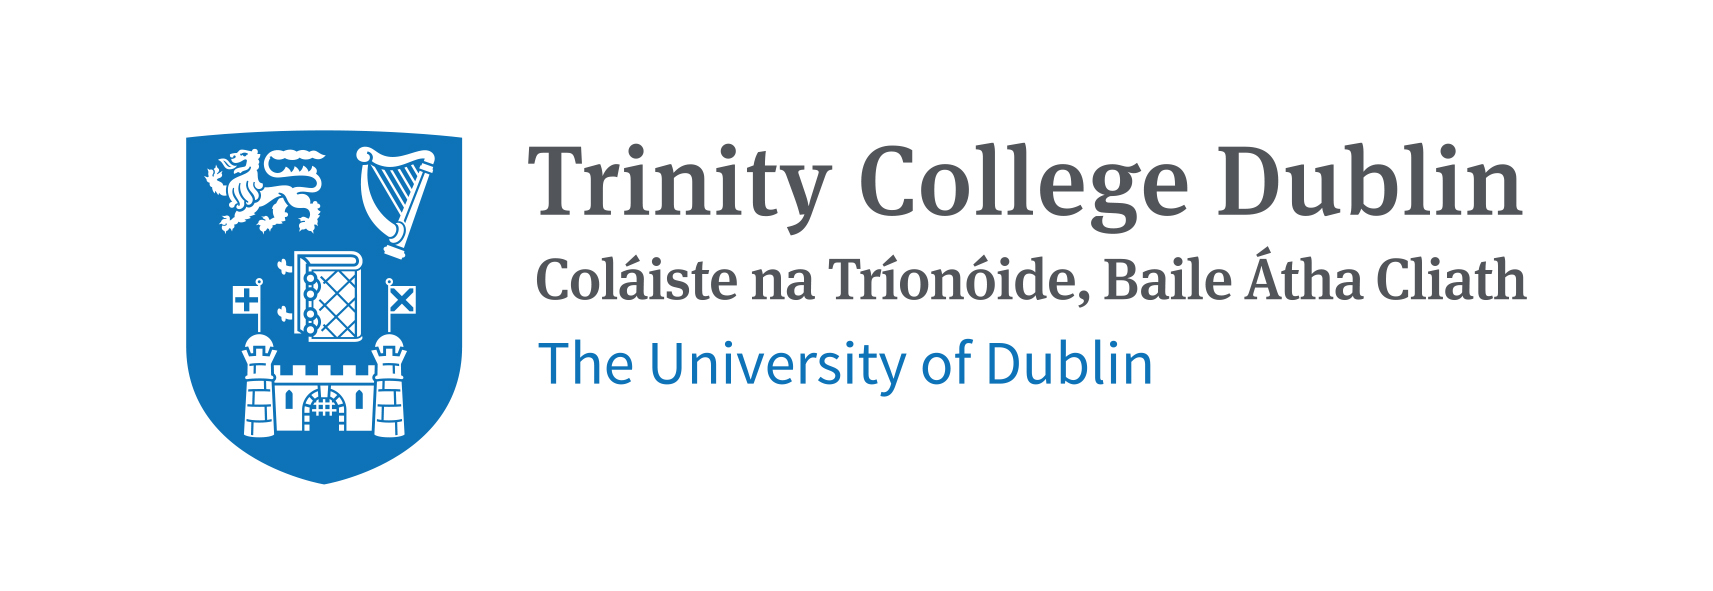 Trinity College Dublin, the Un...